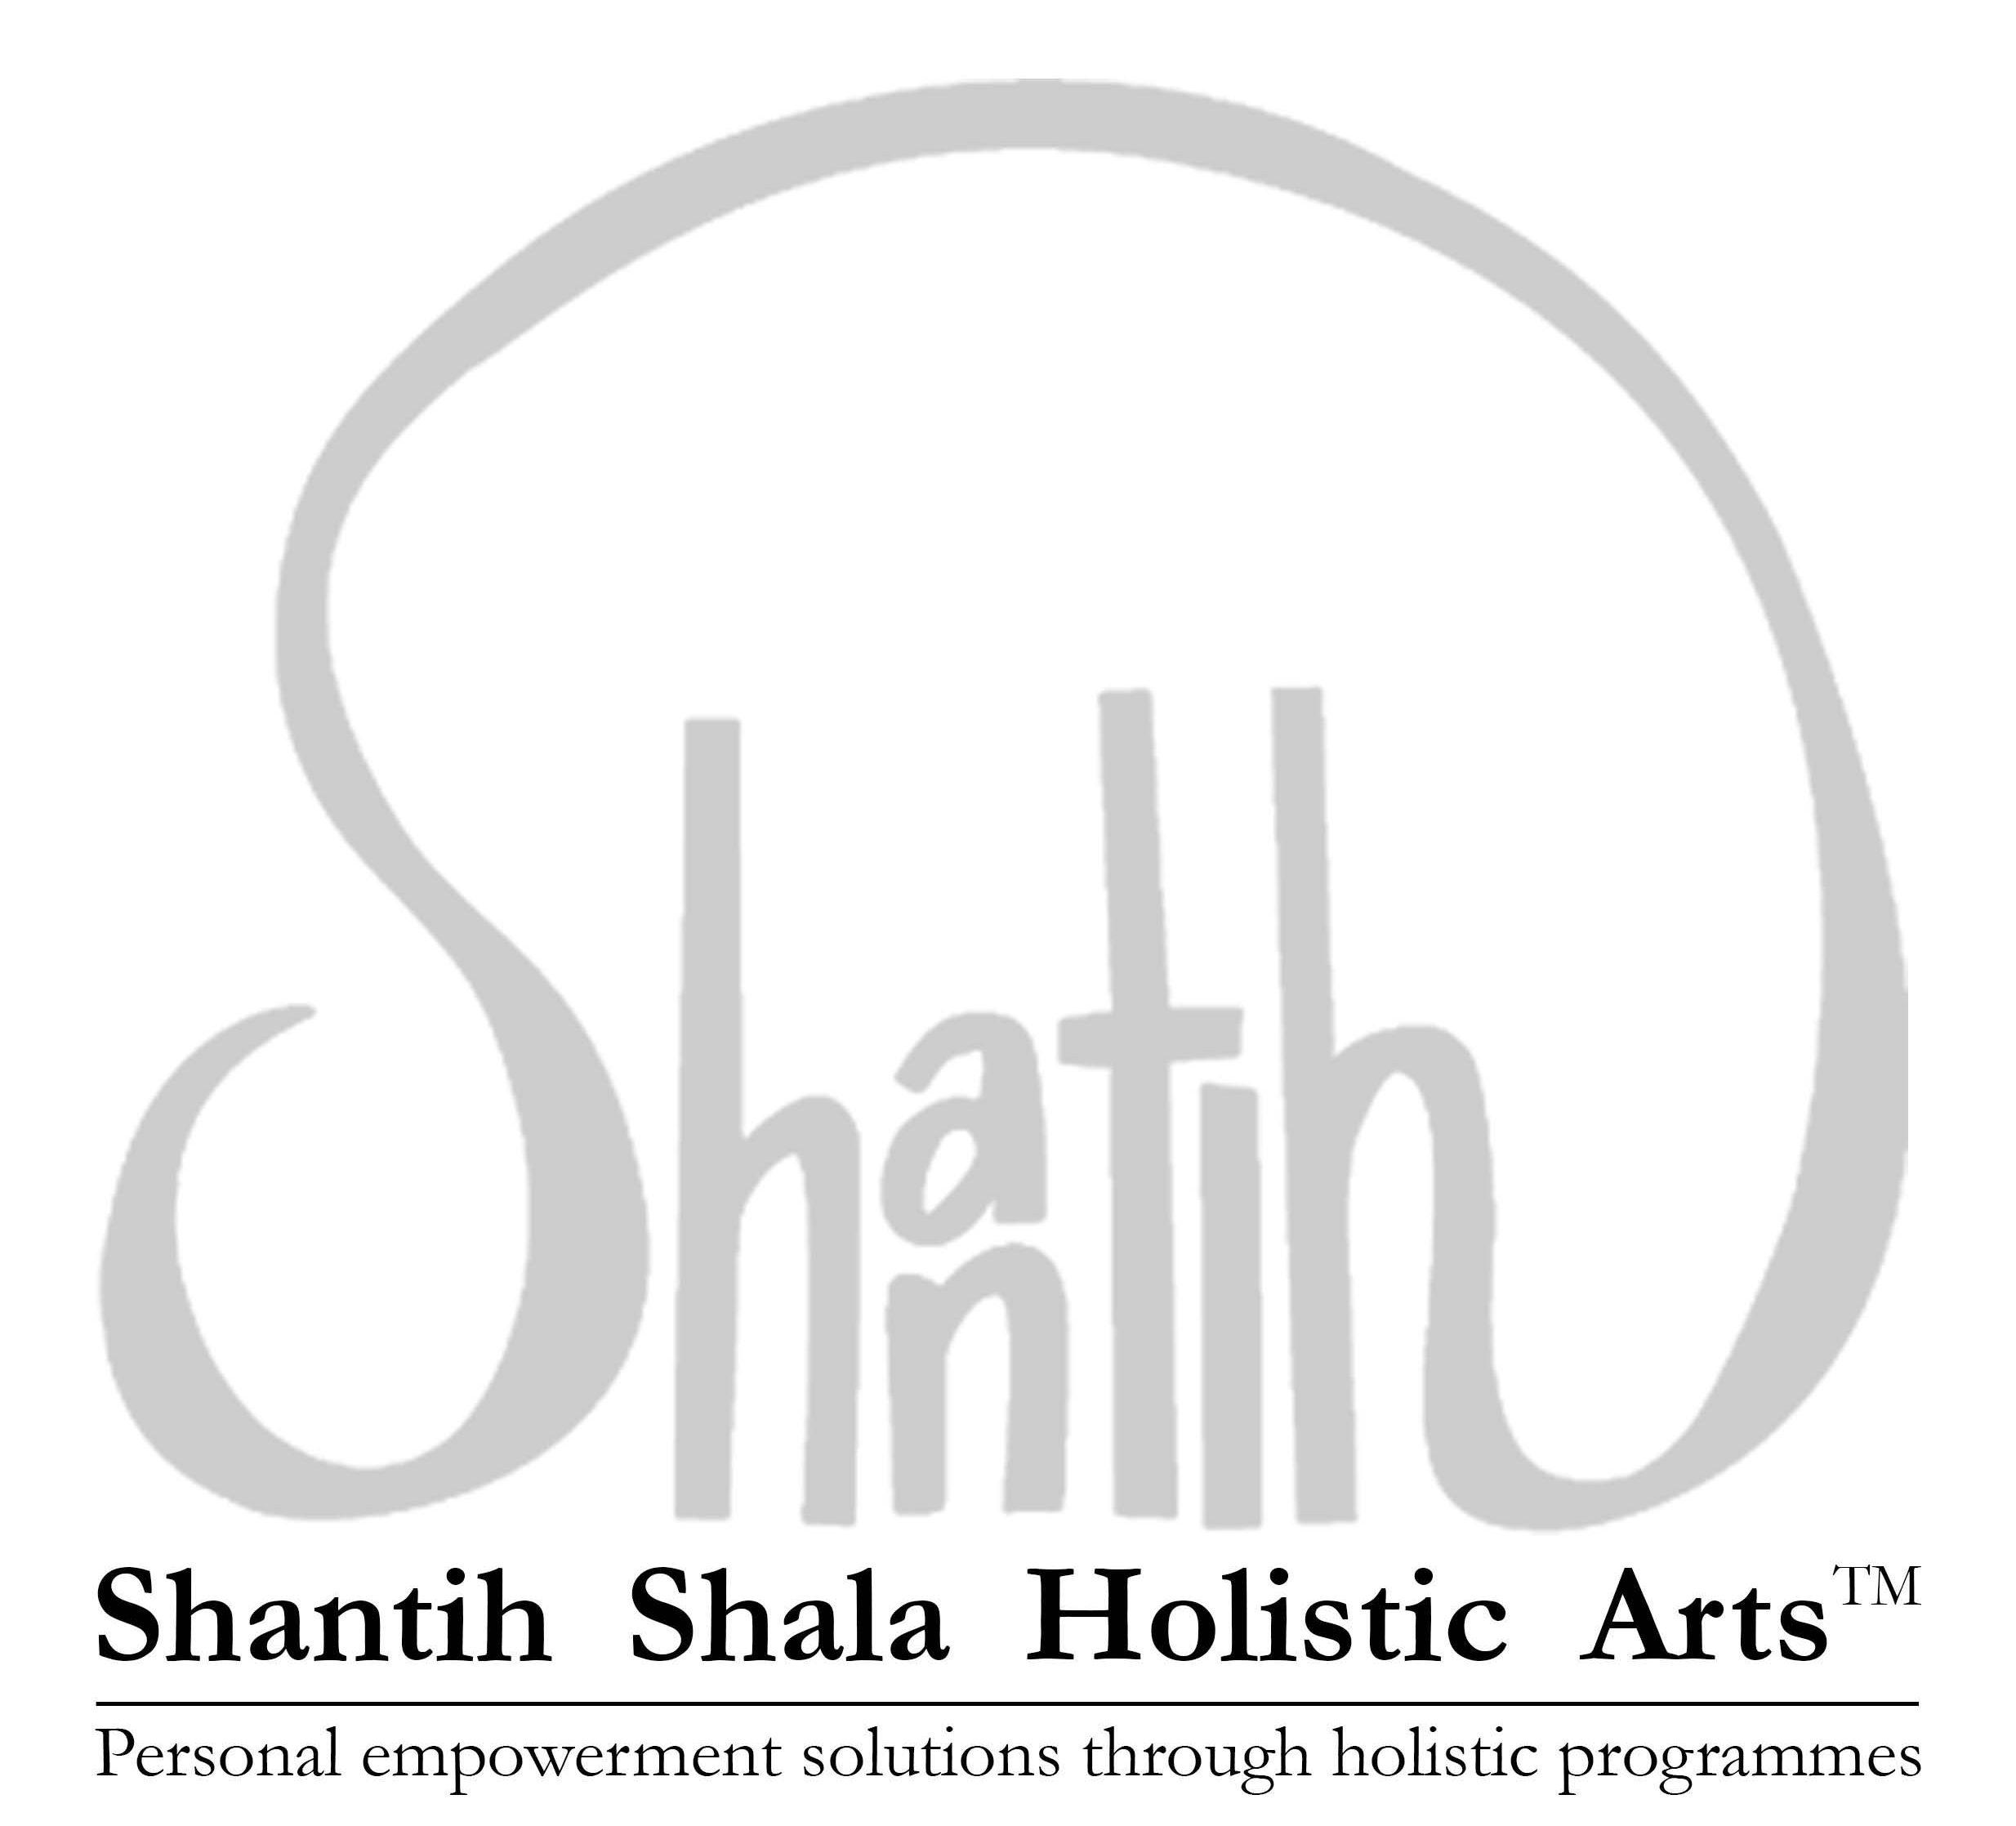 Shantih Shala Holistic Arts